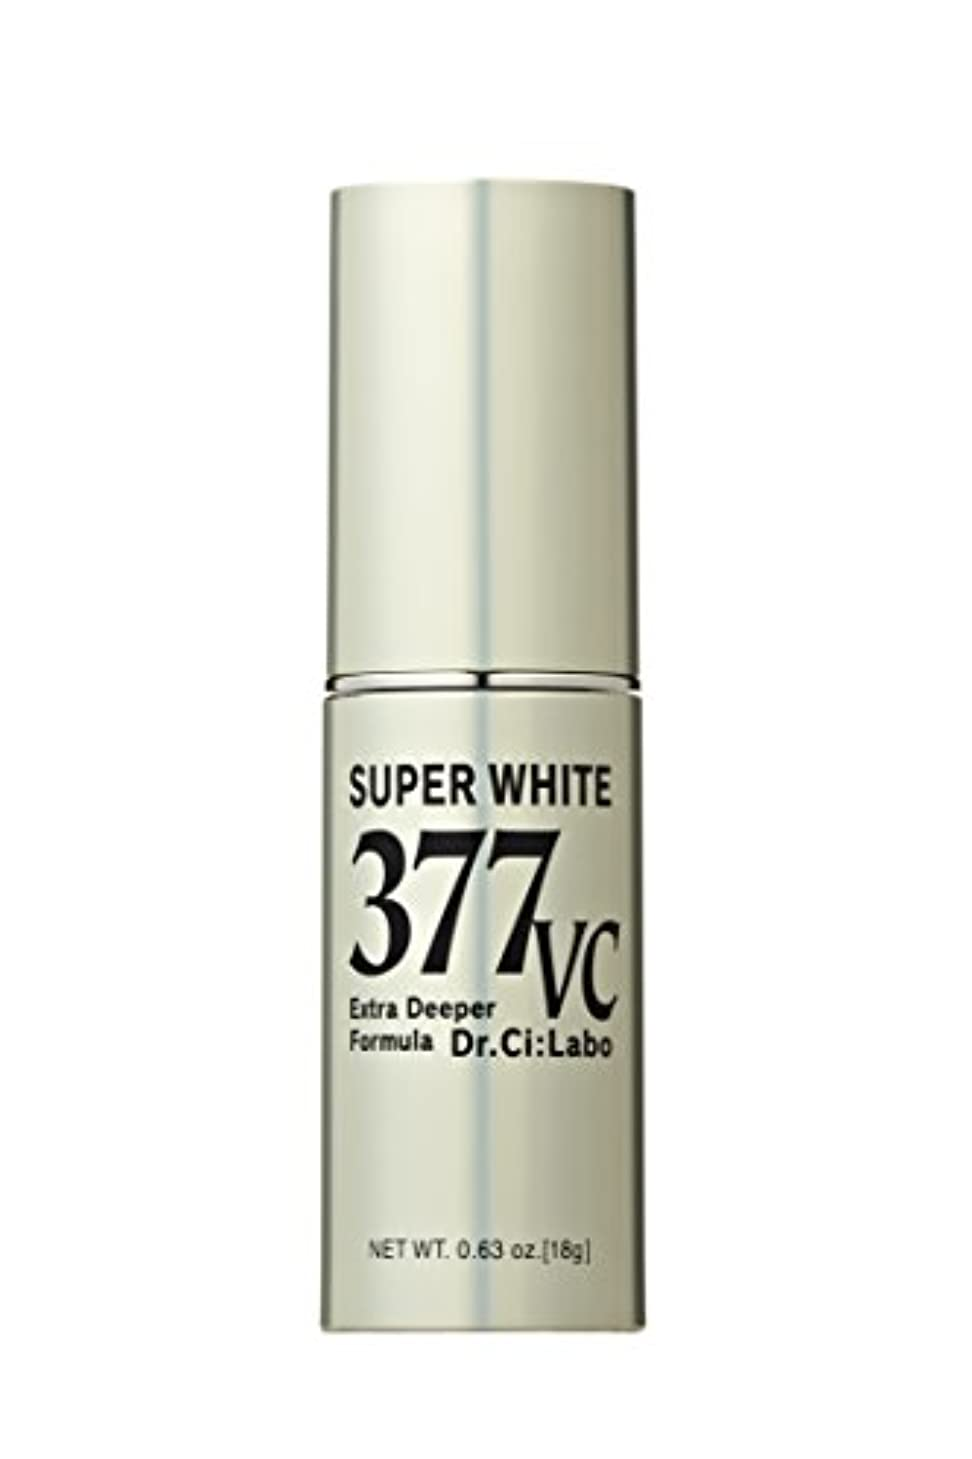 黒人オークランドジェームズダイソンドクターシーラボ スーパーホワイト377VC(ブイシー) 高浸透ビタミンC 美容液 18g